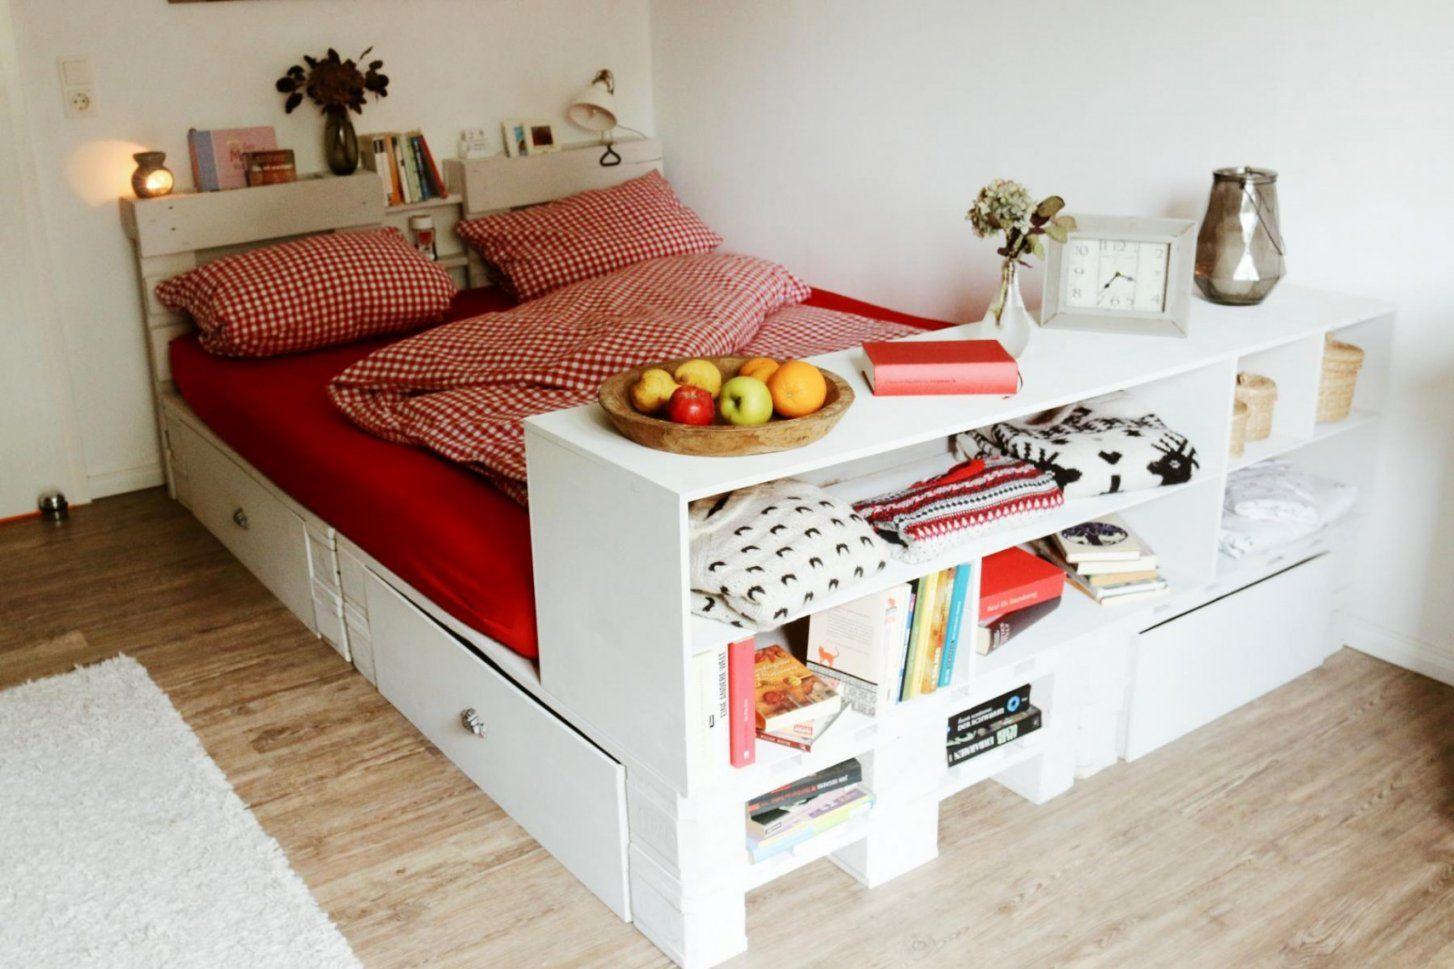 Elegant Cooles Bett Selber Bauen Selber Bauen U Anleitung Von von Cooles Bett Selber Bauen Photo